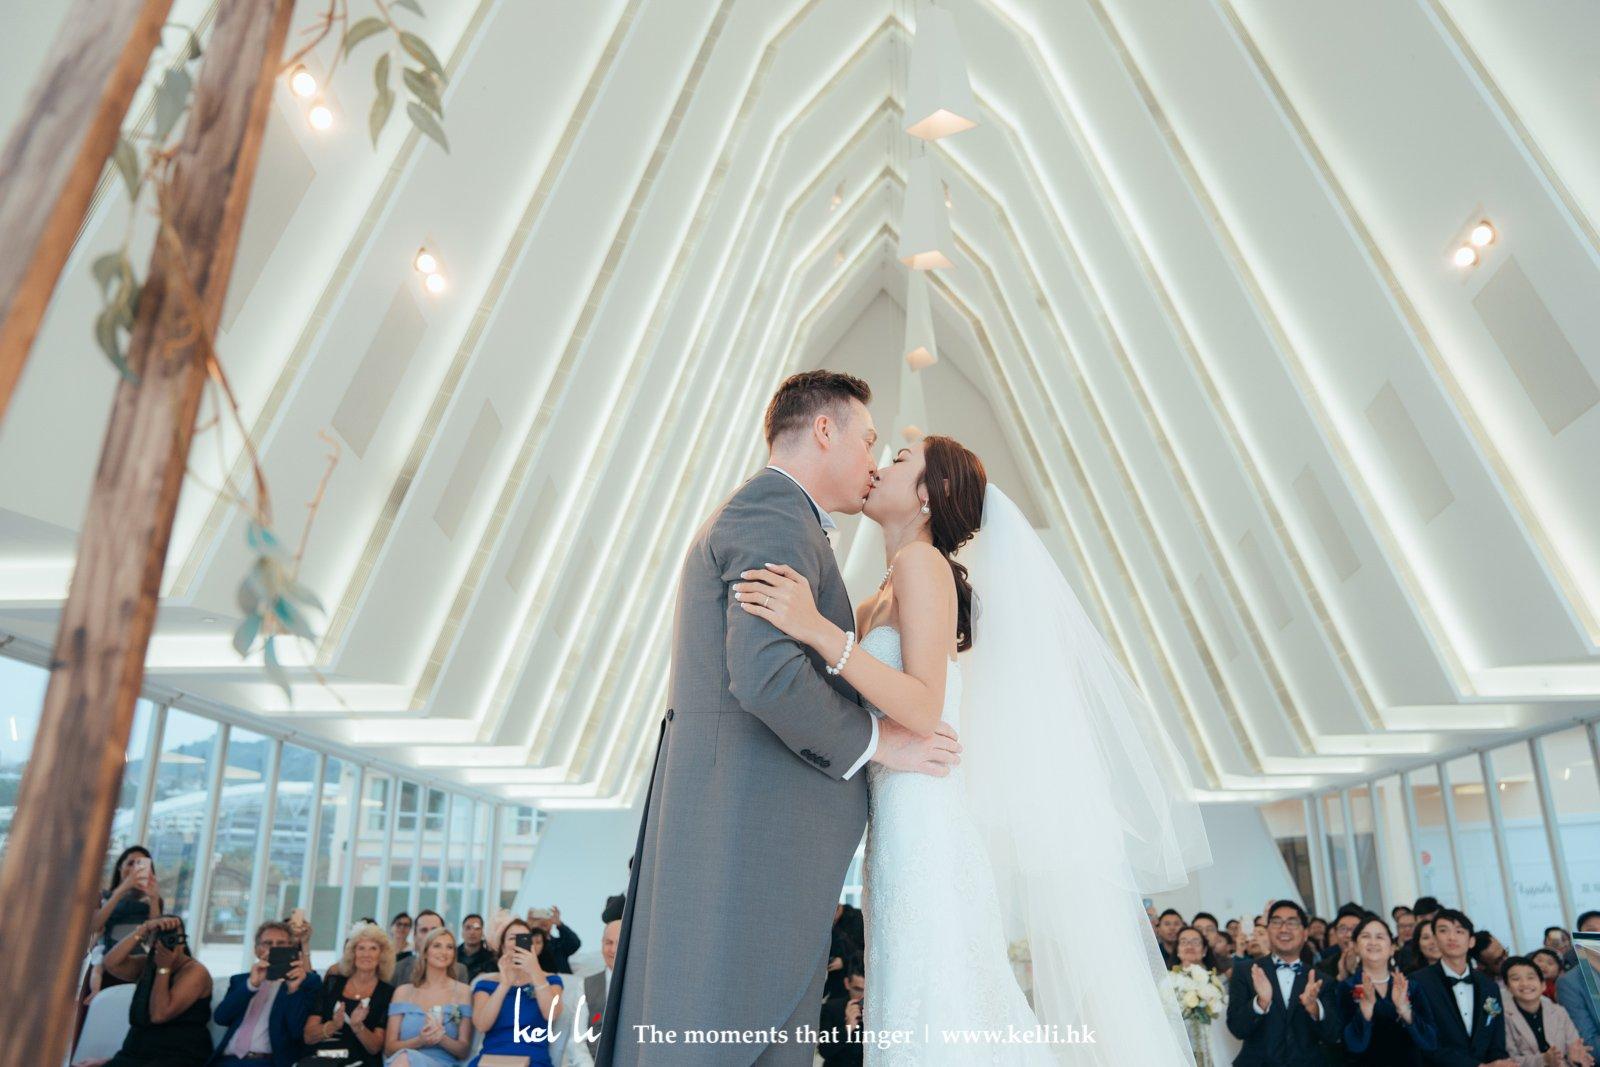 教堂進行的婚禮,掀下頭紗,輕吻新娘的一刻